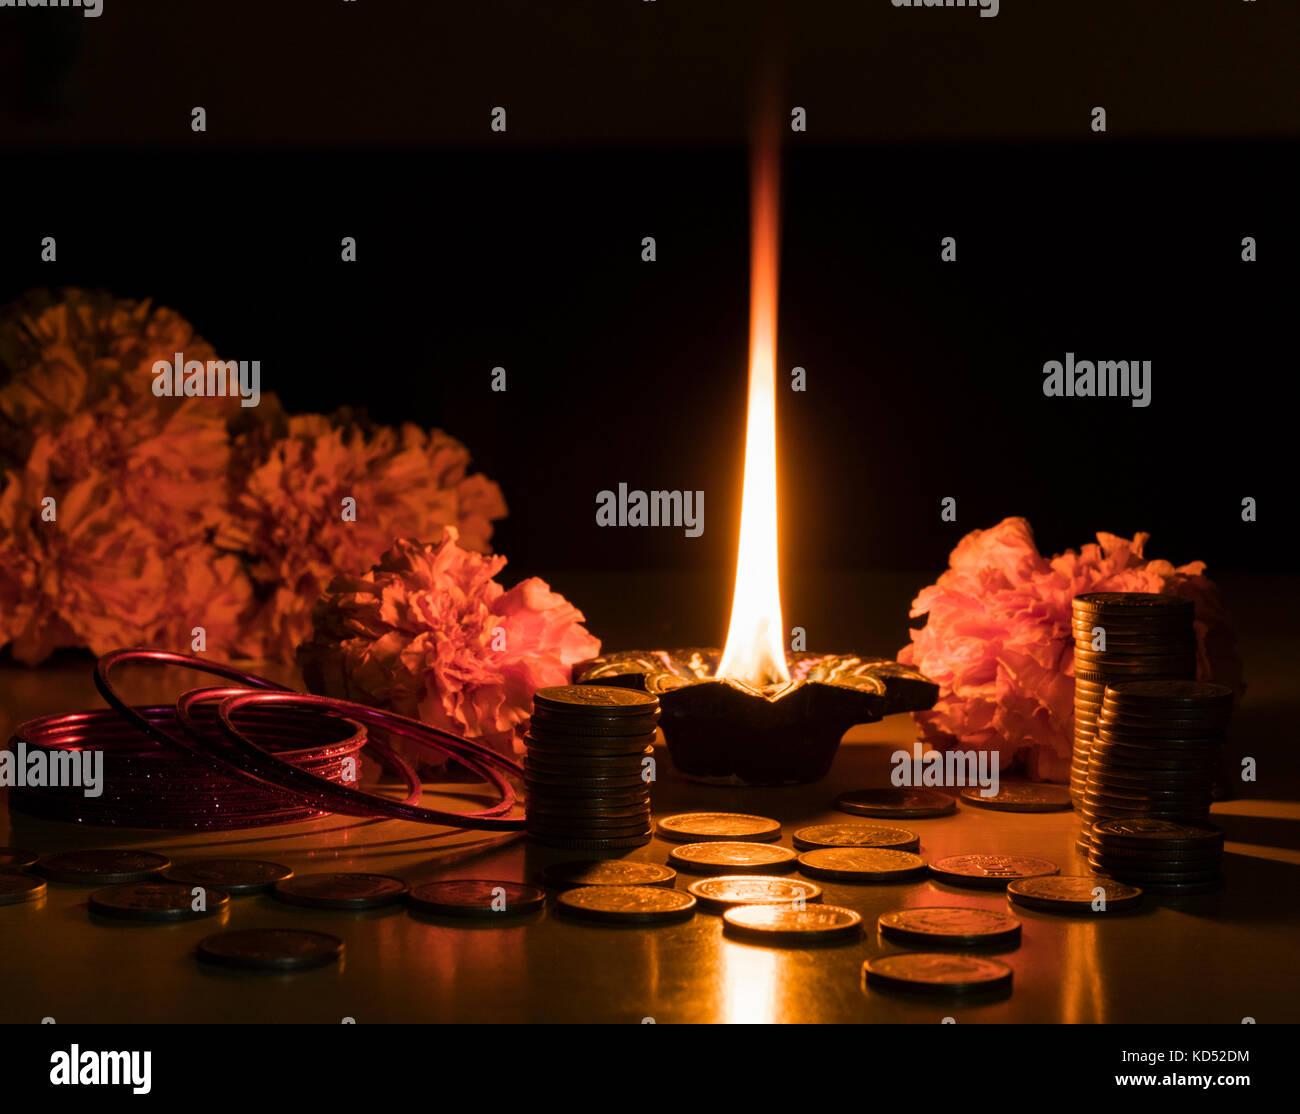 Diwali Greetings Stock Photos Diwali Greetings Stock Images Alamy